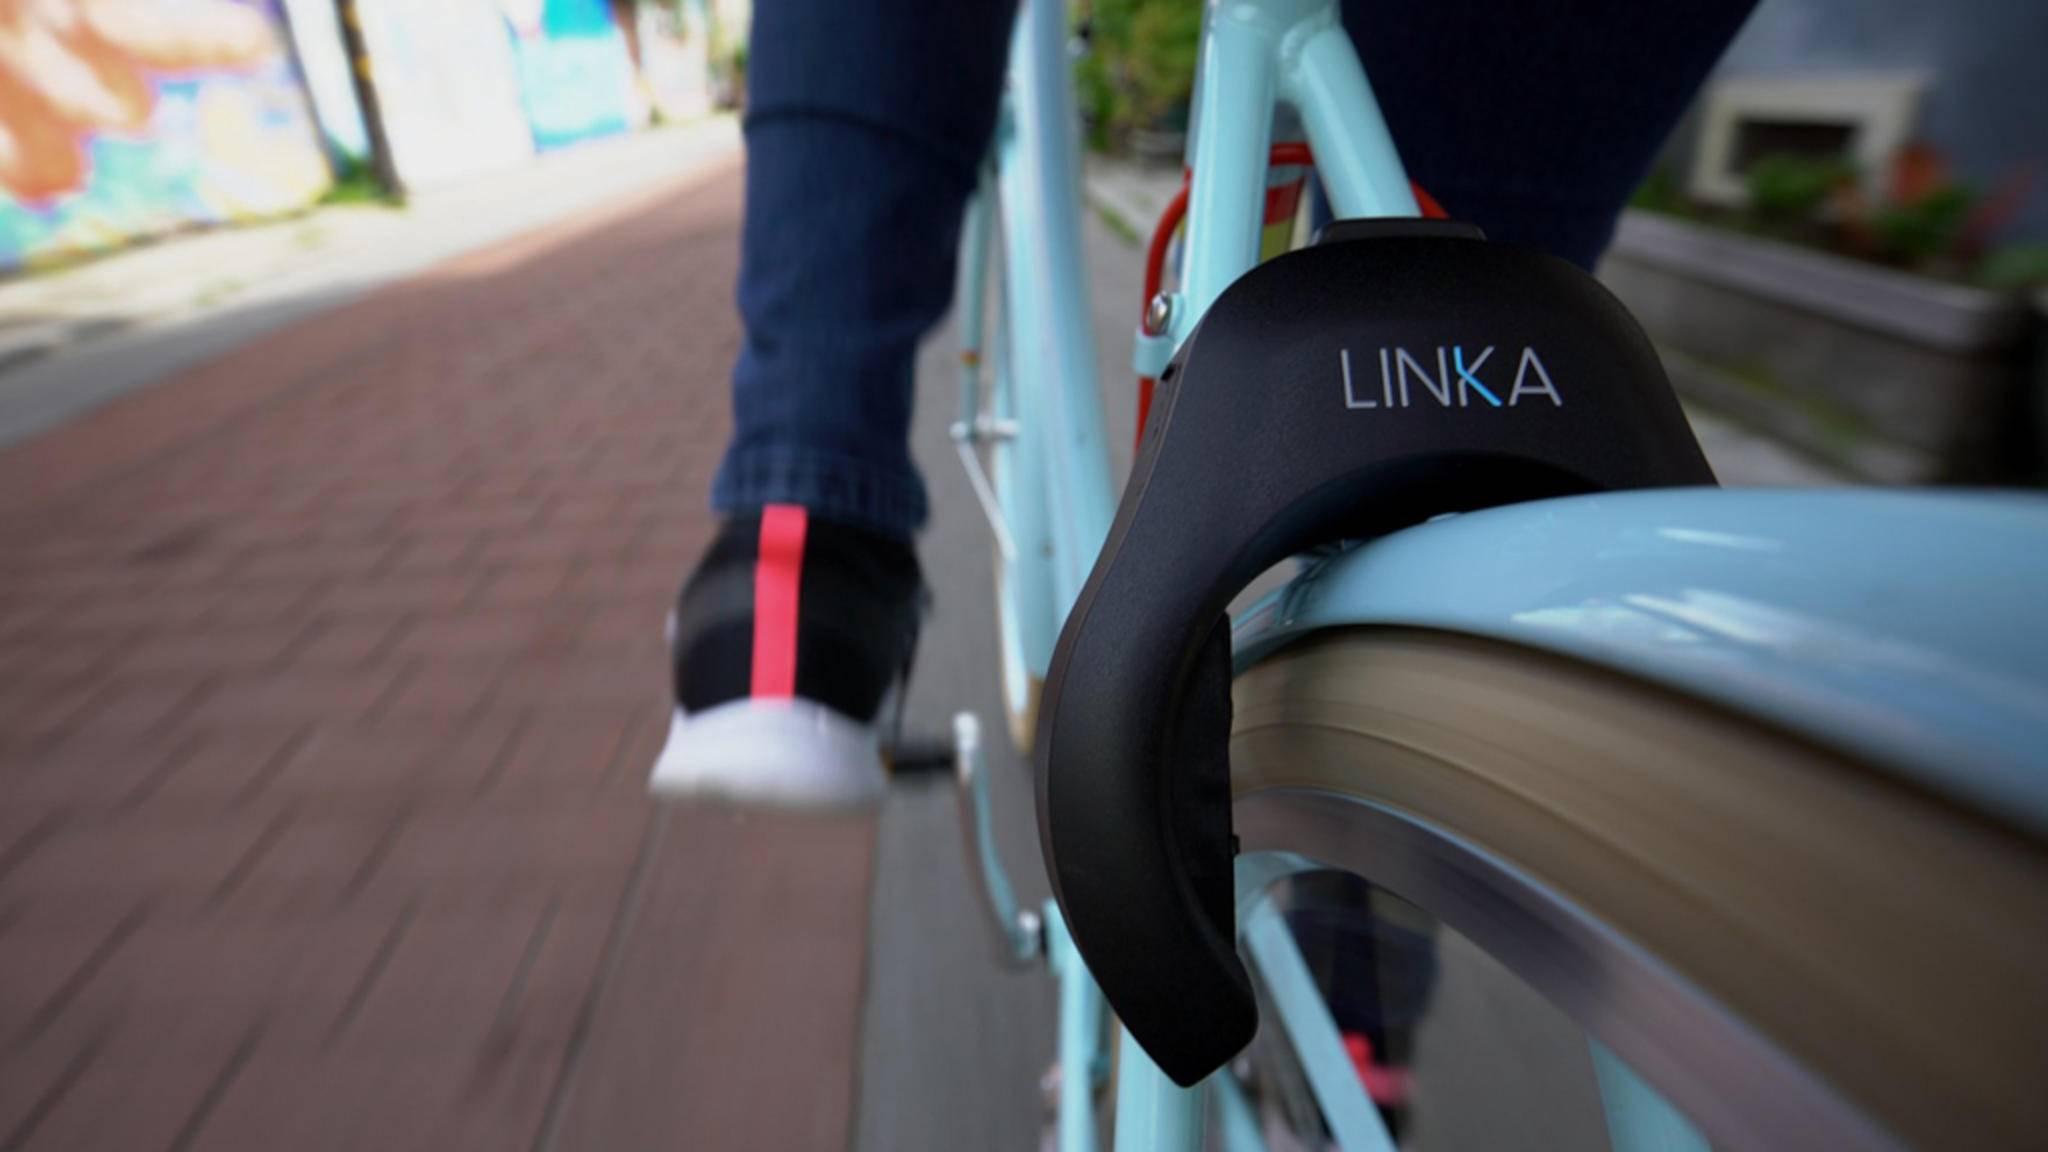 Die Fahrradschlösser Linka und Linka Leo sollen kurze Zwischenstopps erleichtern und für mehr Sicherheit sorgen.